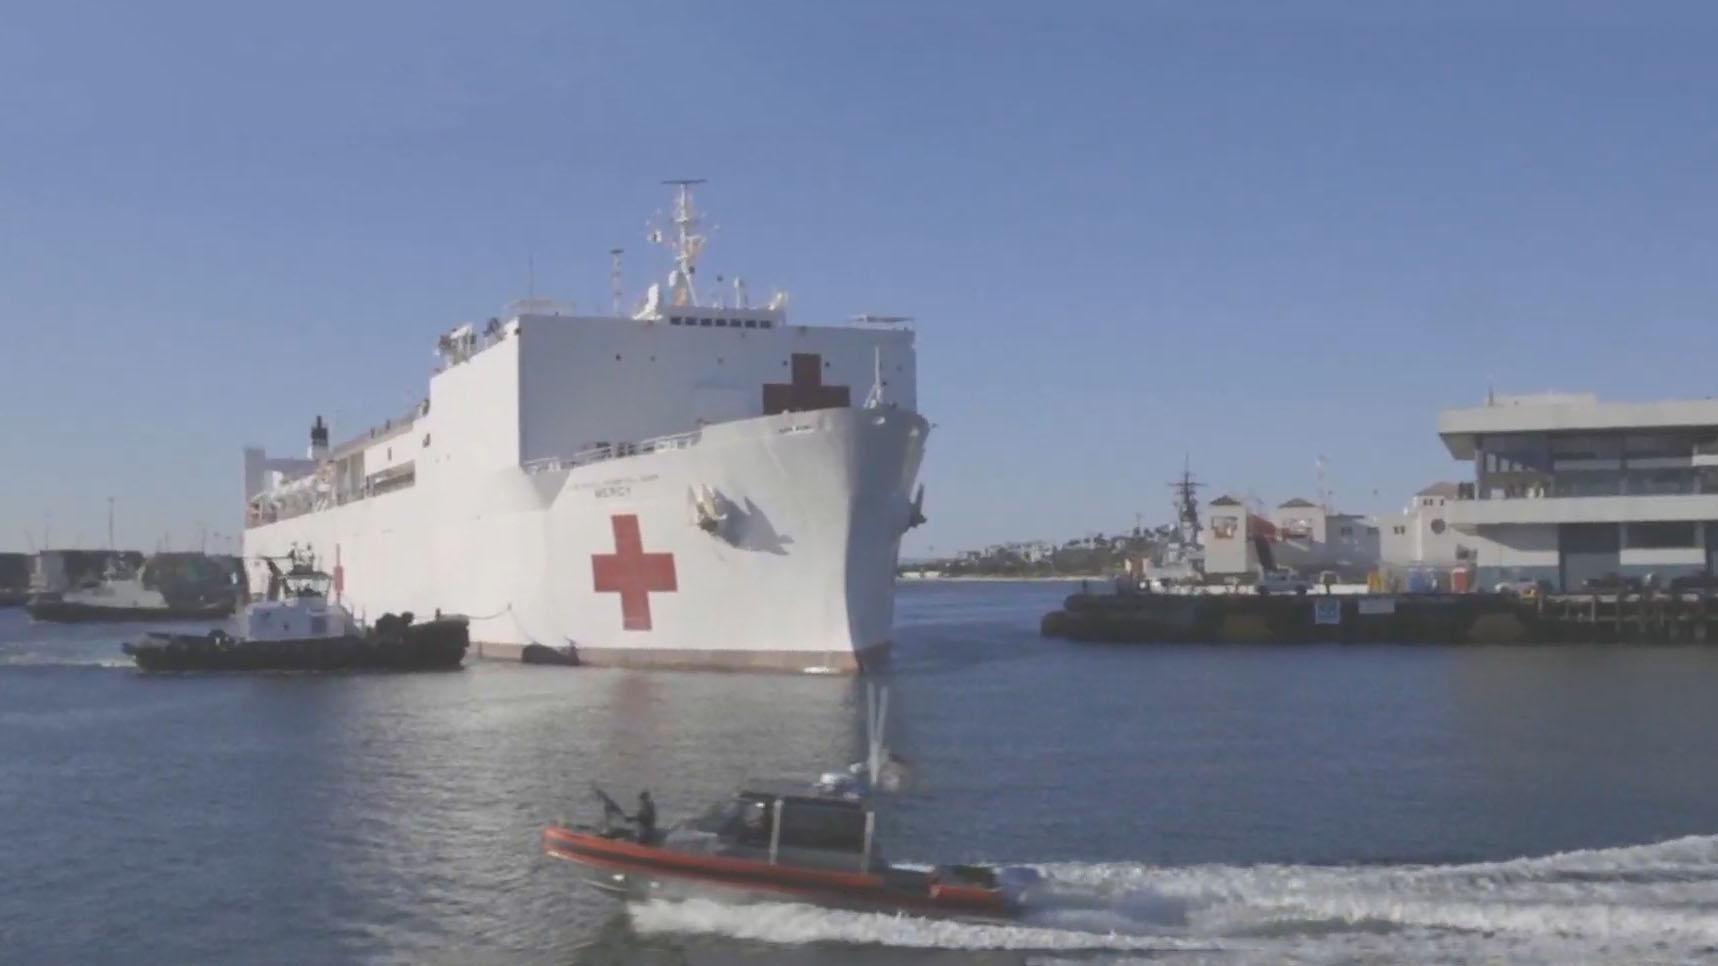 美軍醫療船「仁慈號」抵洛杉磯 當地周一起擴大病毒檢測